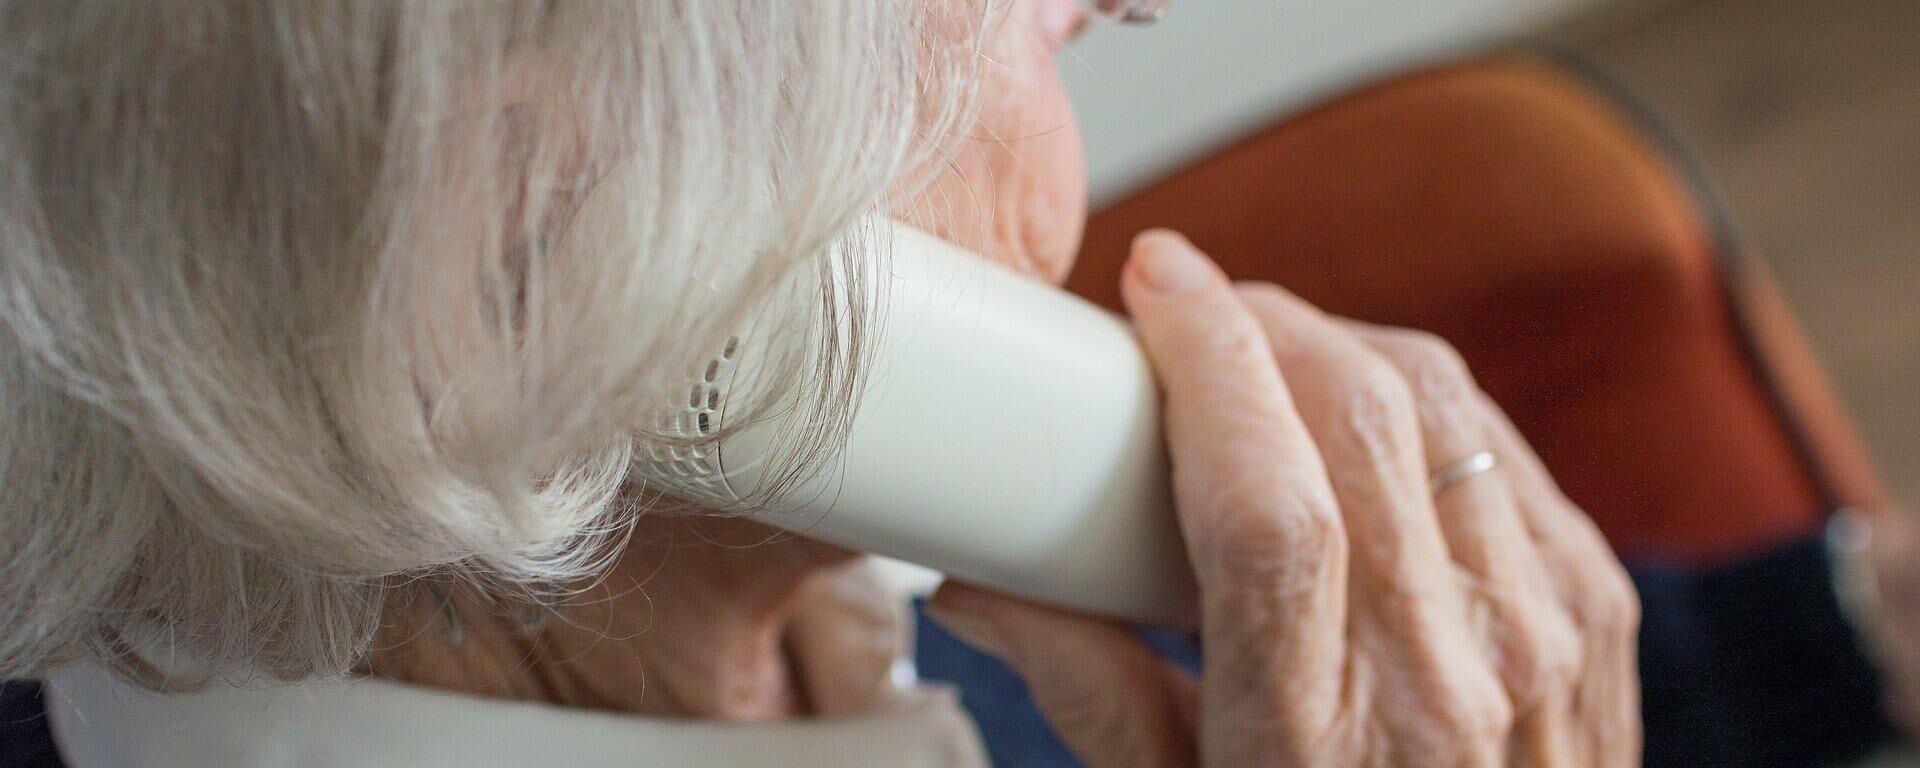 Ältere Dame am Telefon (Symbolbild) - SNA, 1920, 17.03.2021